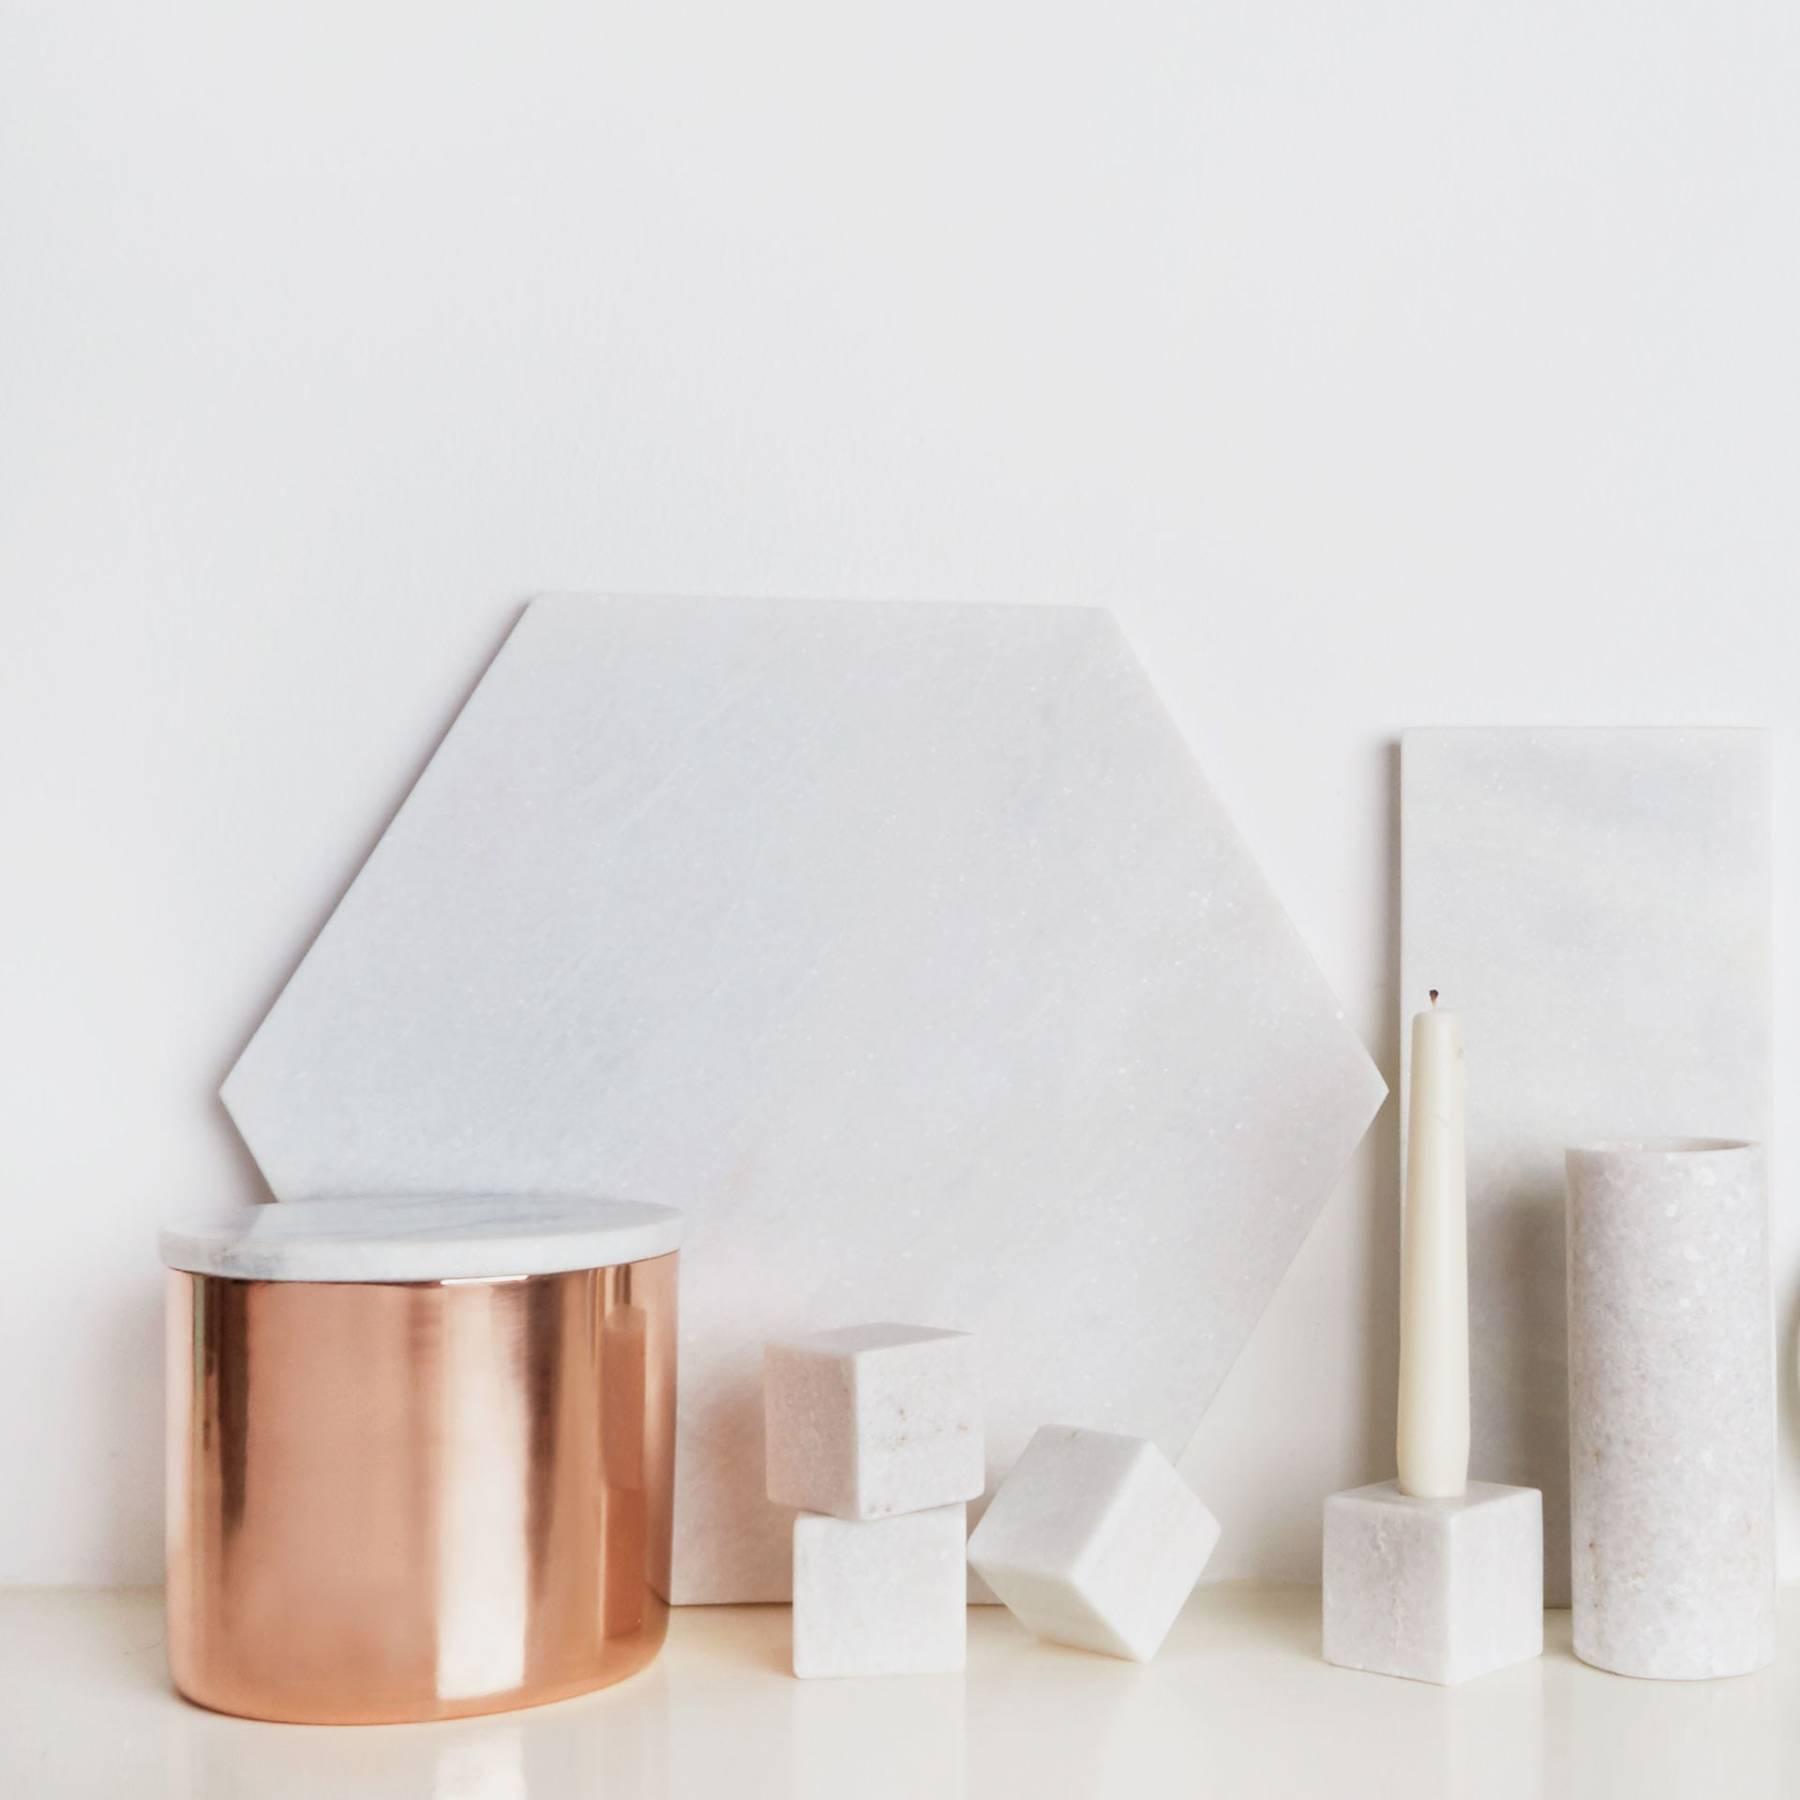 Bathroom Storage Ideas - Cabinets & Accessories | House & Garden